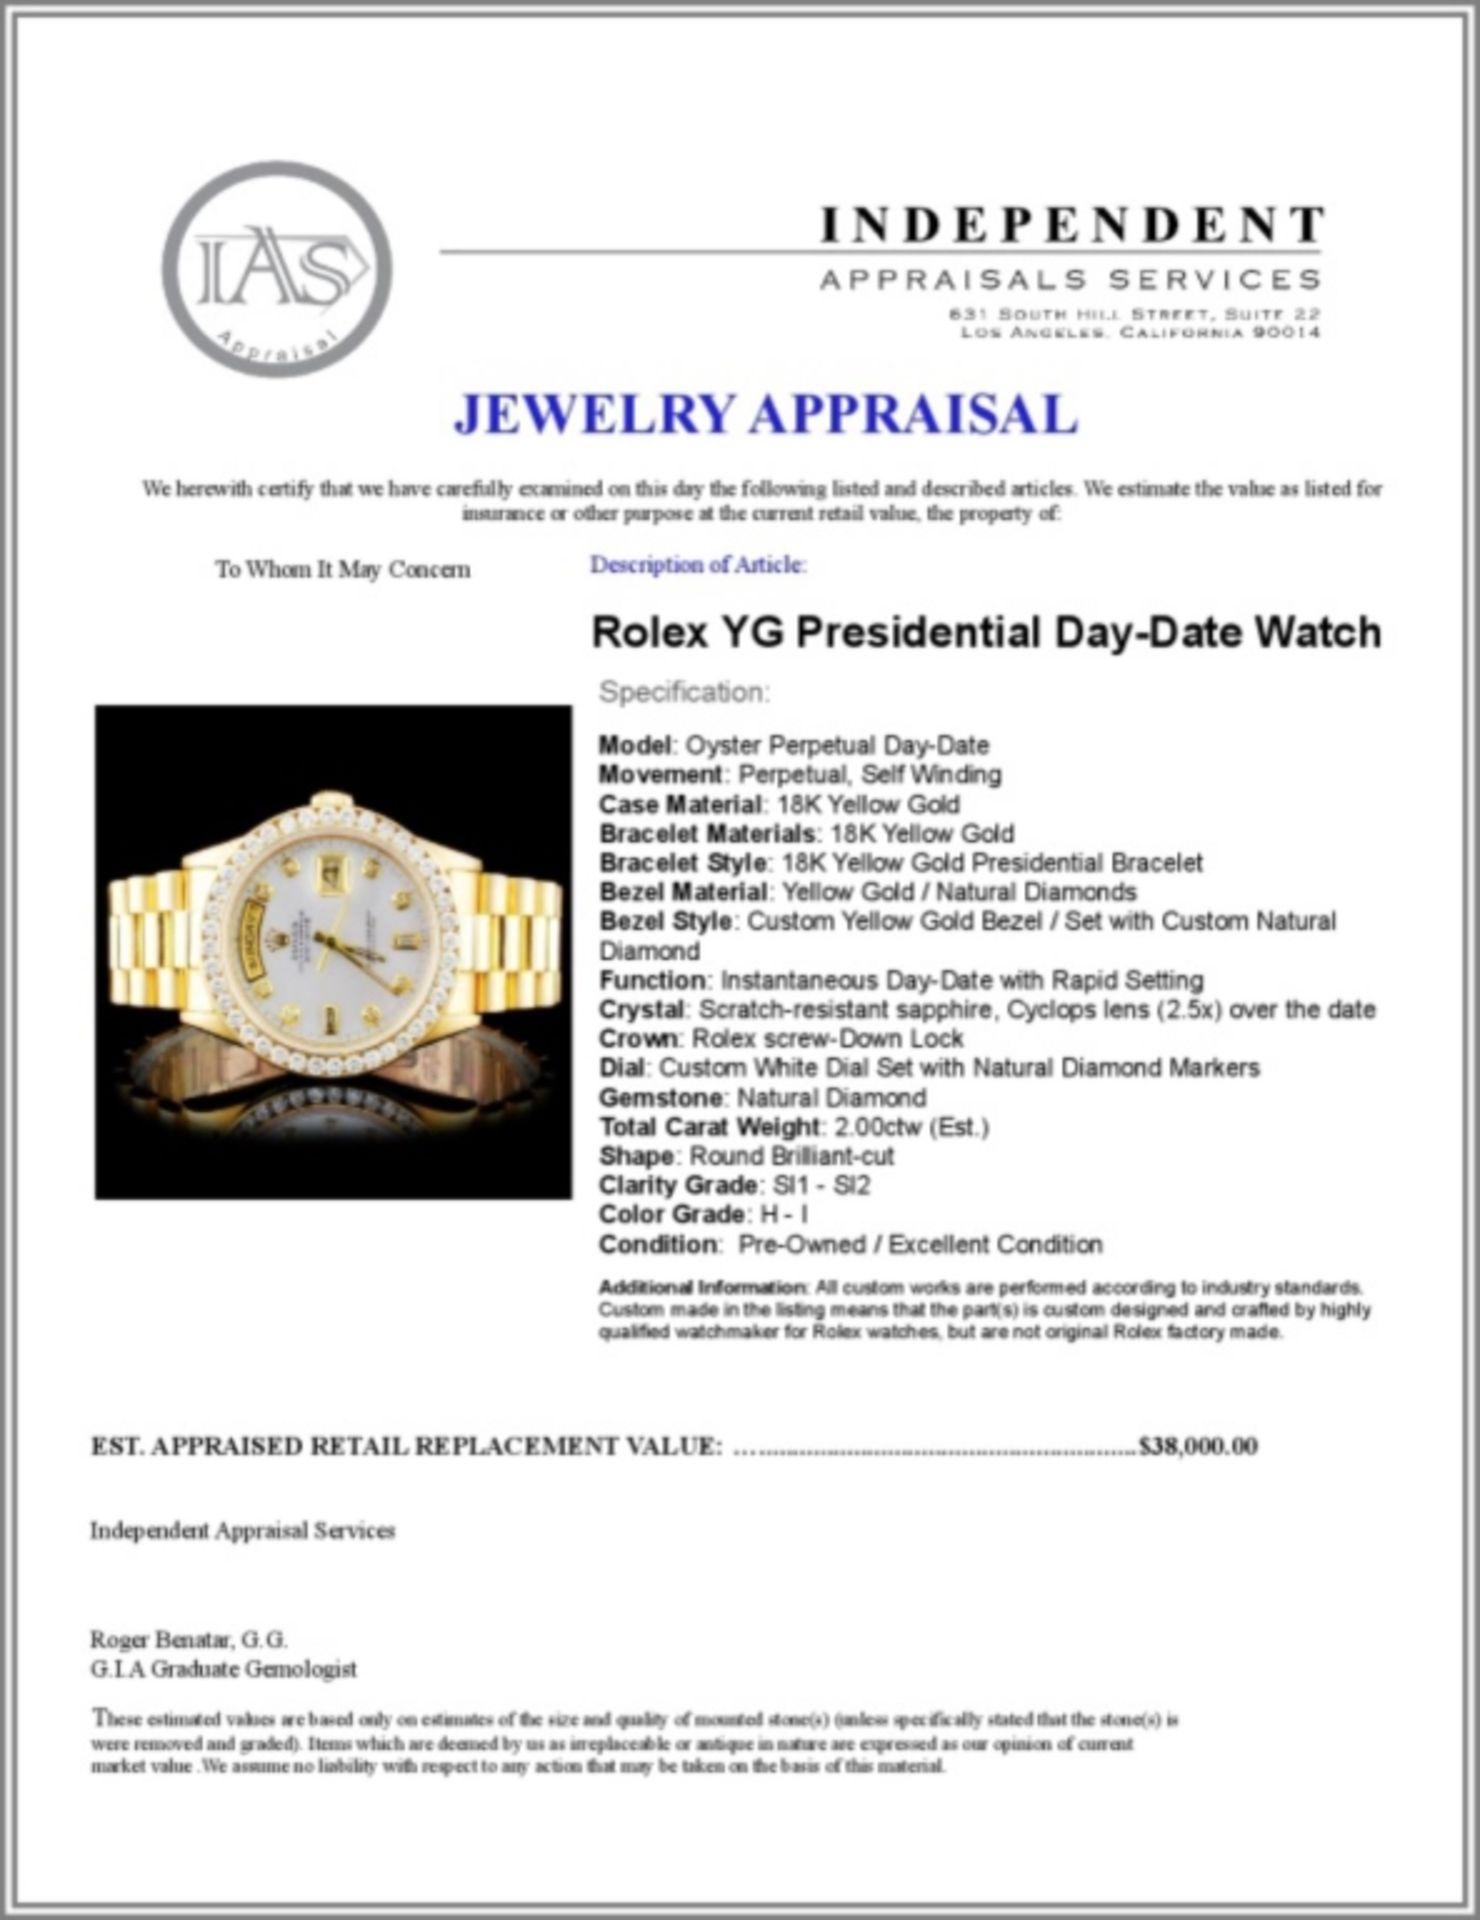 Rolex 18K YG Presidential Diamond Wristwatc - Image 4 of 4